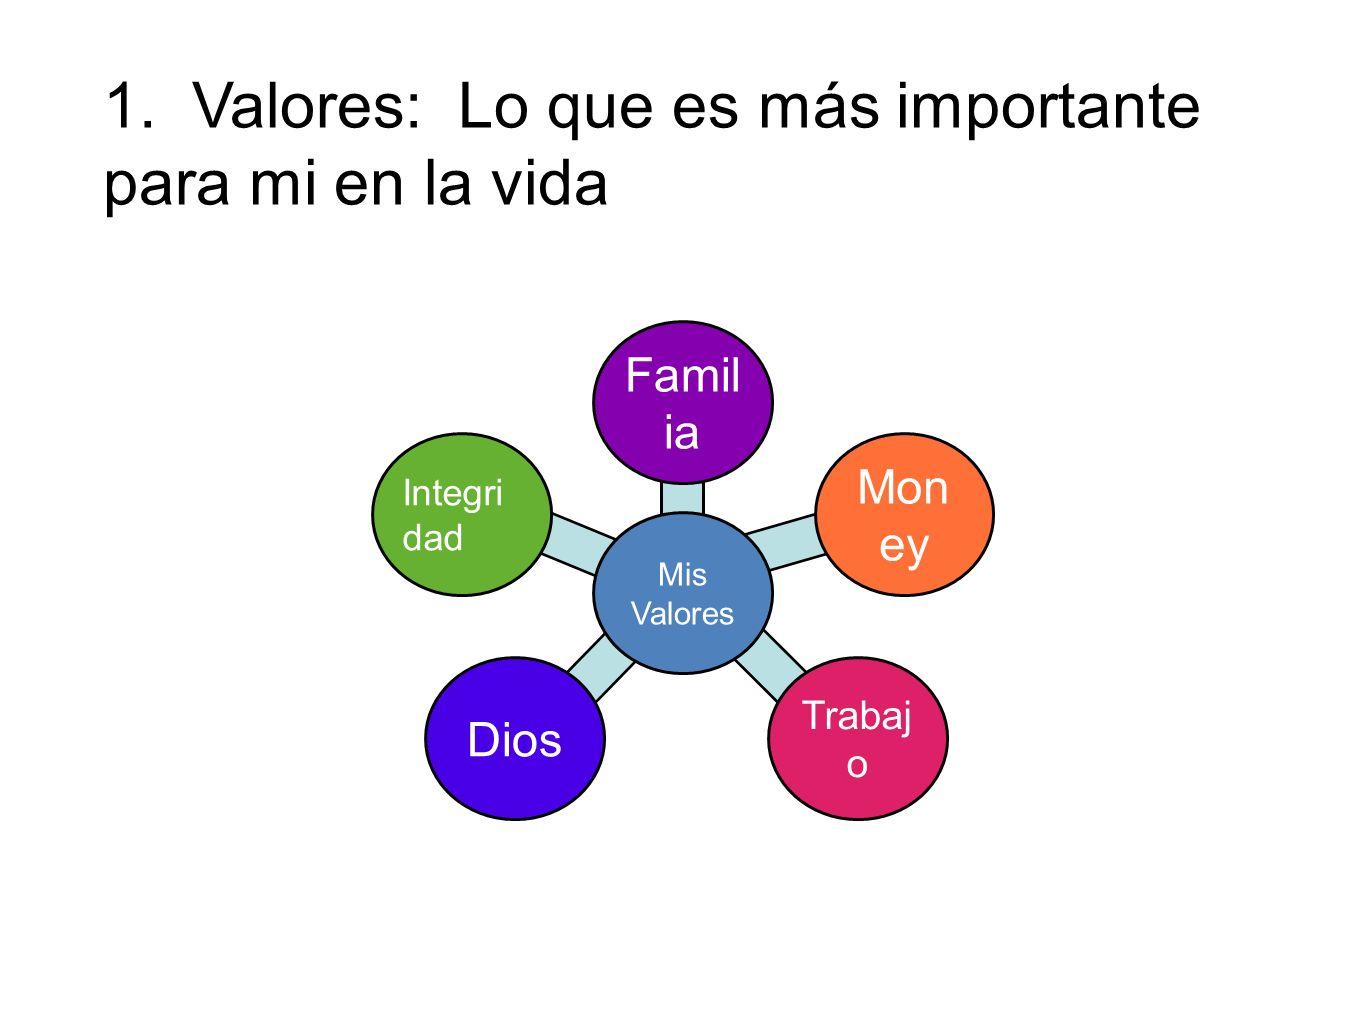 1. Valores: Lo que es más importante para mi en la vida Famil ia Mis Valores Mon ey Trabaj o Dios Integri dad